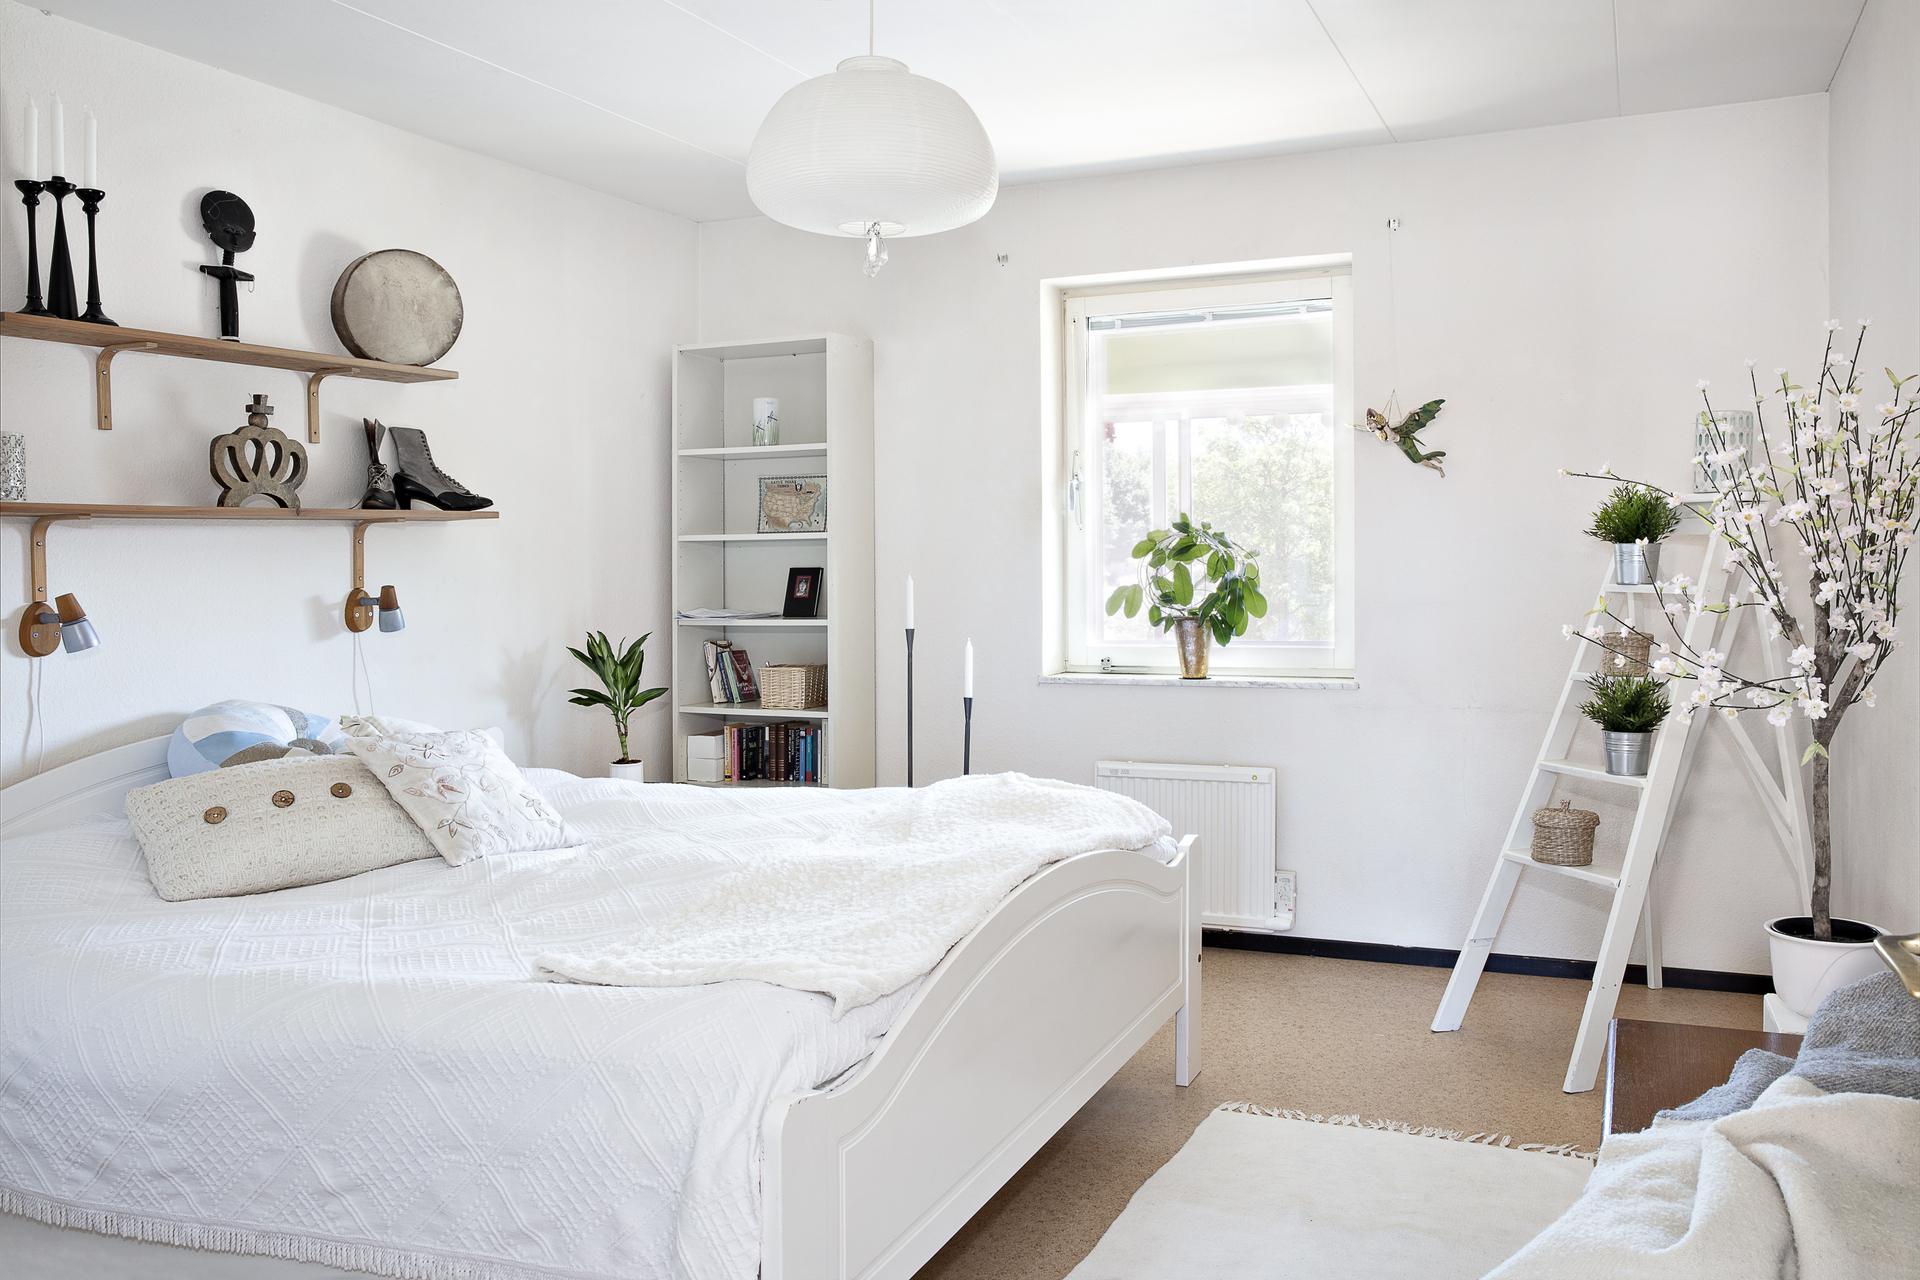 Sovrum 1 erbjuder plats för både dubbelsäng och t.ex. förvaringsmöbler